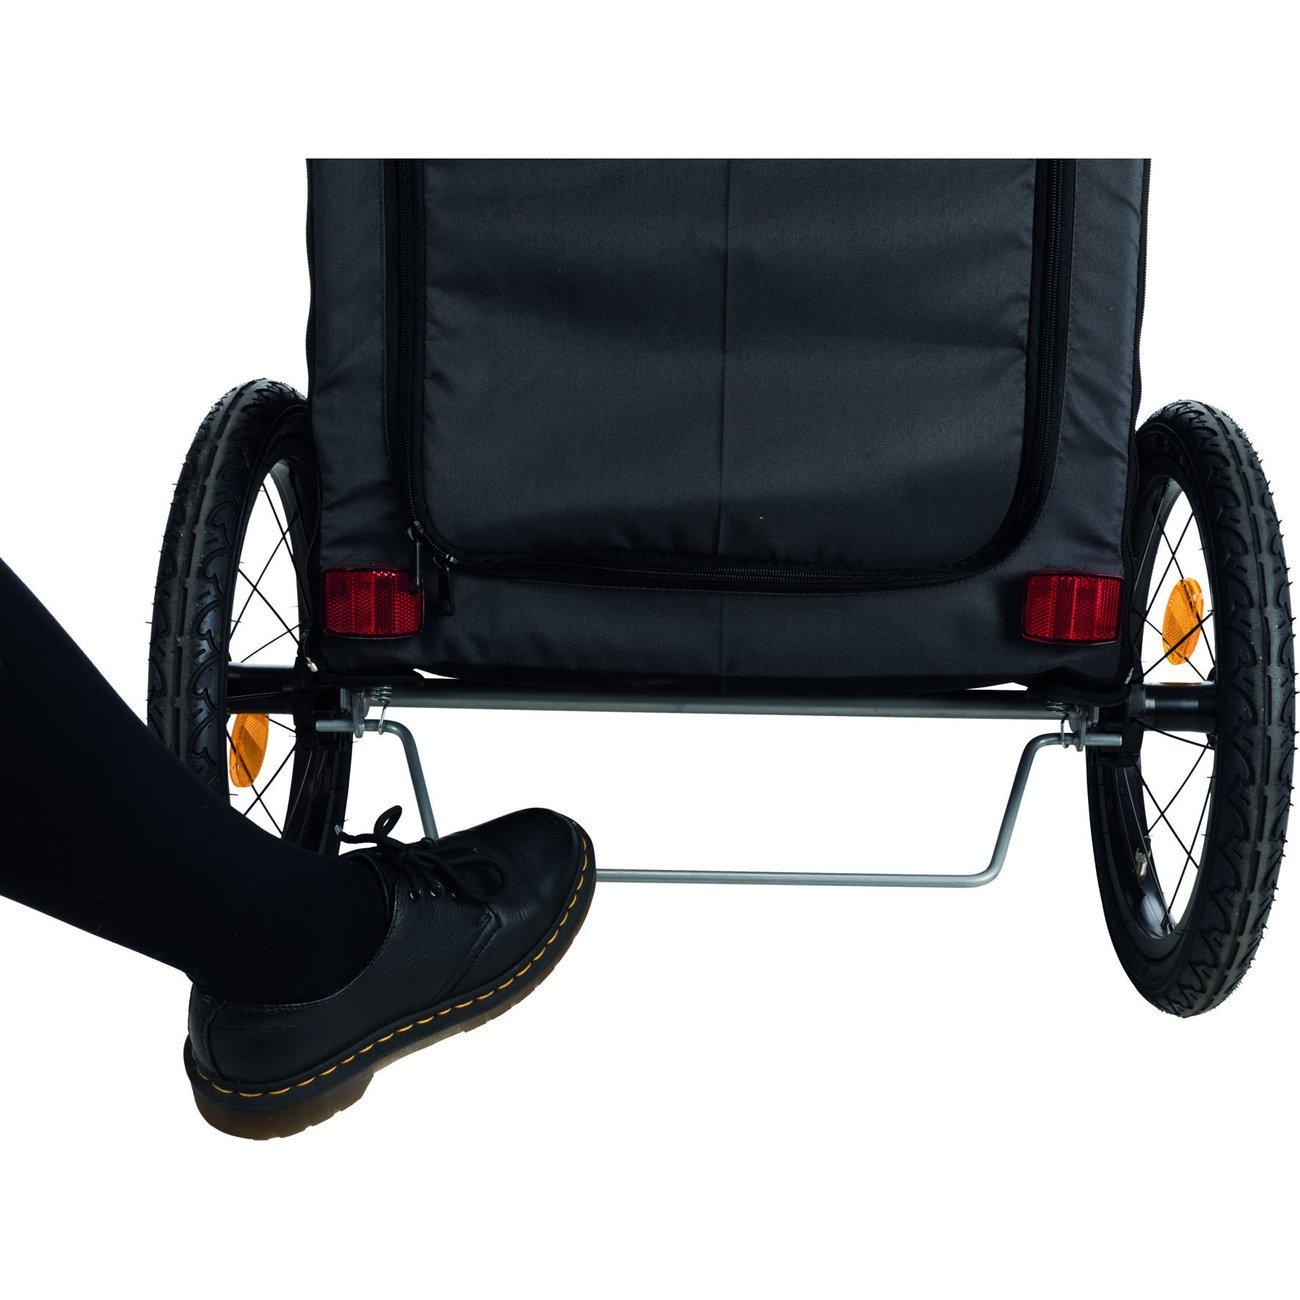 TRIXIE Fahrrad-Anhänger, faltbar 12794, Bild 9